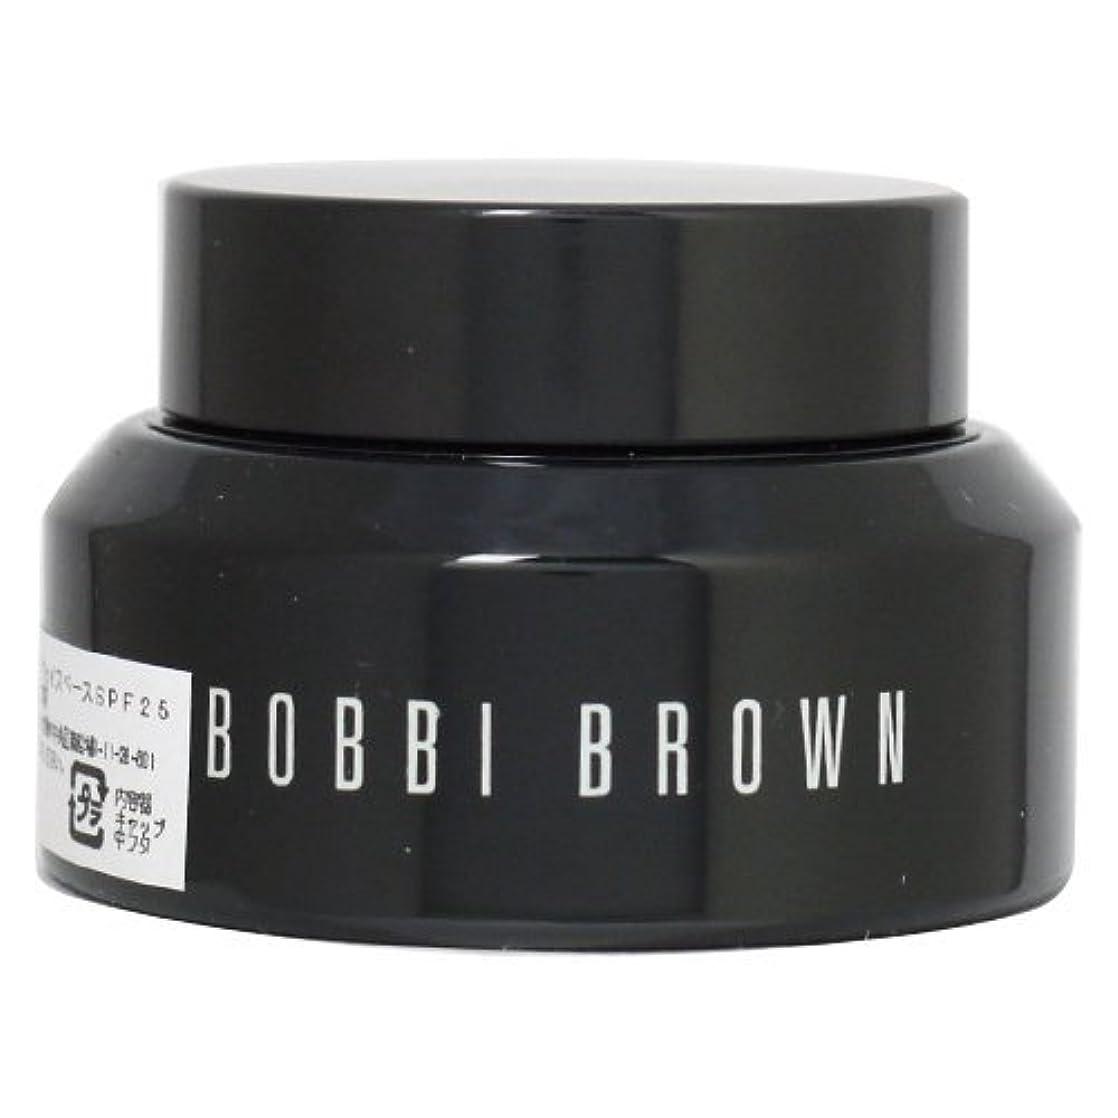 アフリカ人ノミネートベンチボビーブラウン(BOBBI BROWN) イルミネイティング フェイスベース 30ml[並行輸入品]